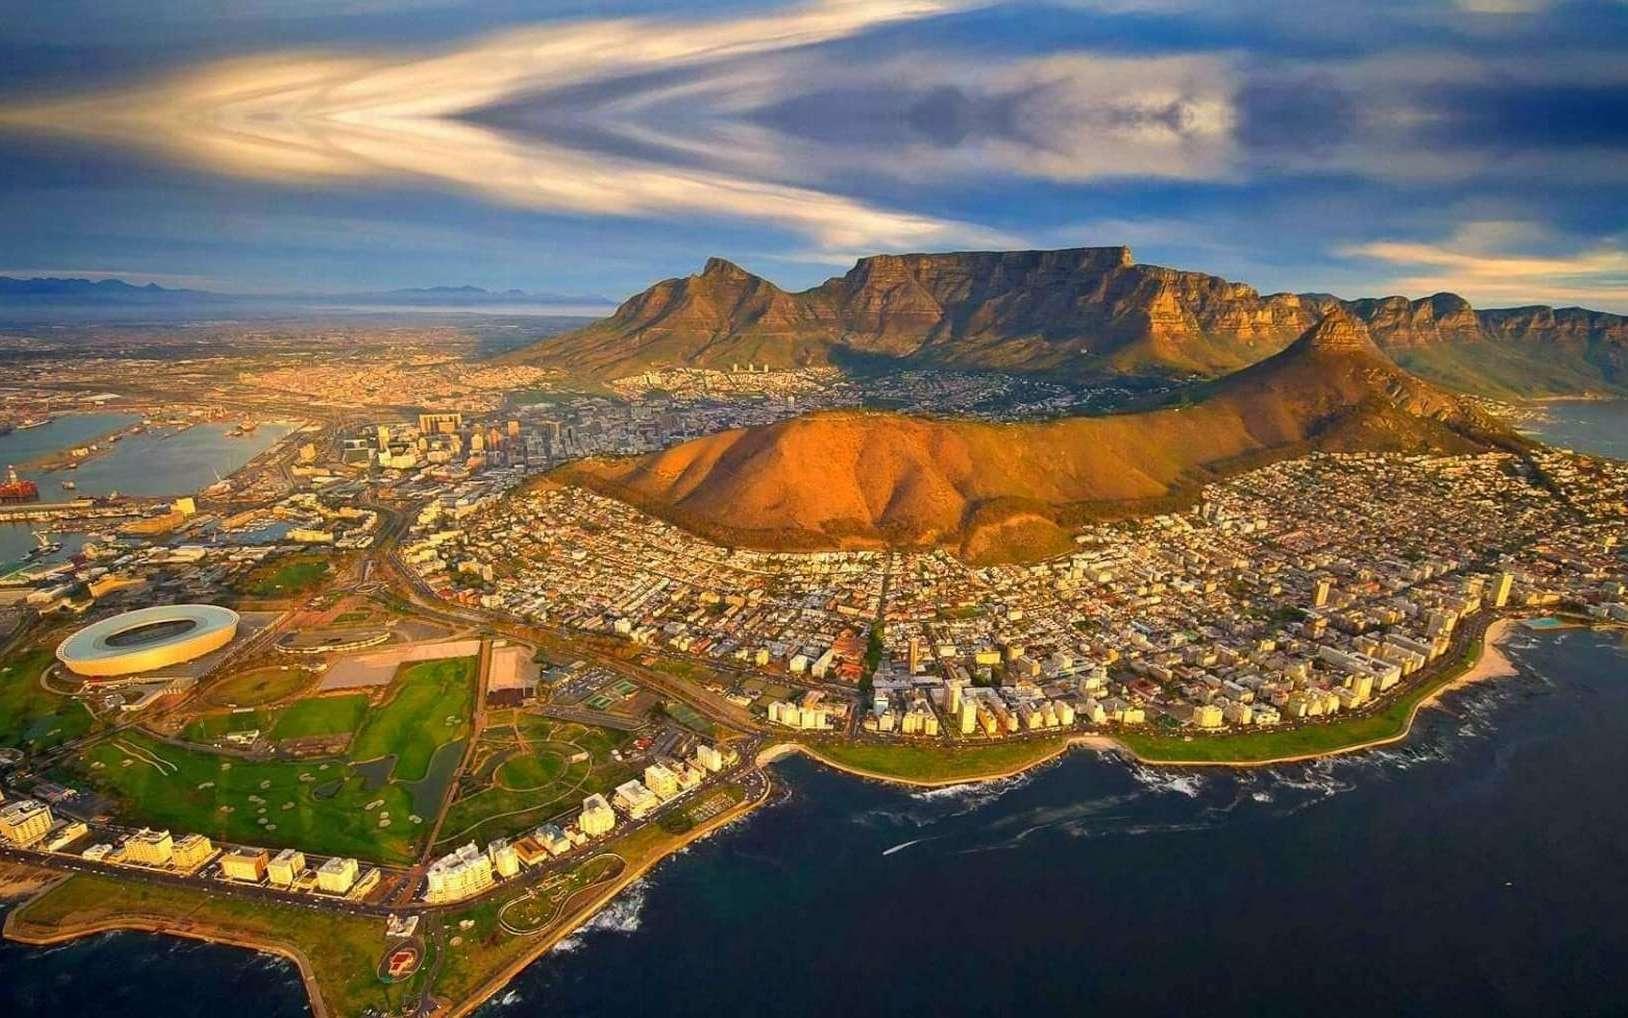 Photo aérienne : Le Cap, Afrique du Sud. © Afrique du Sud Découverte.